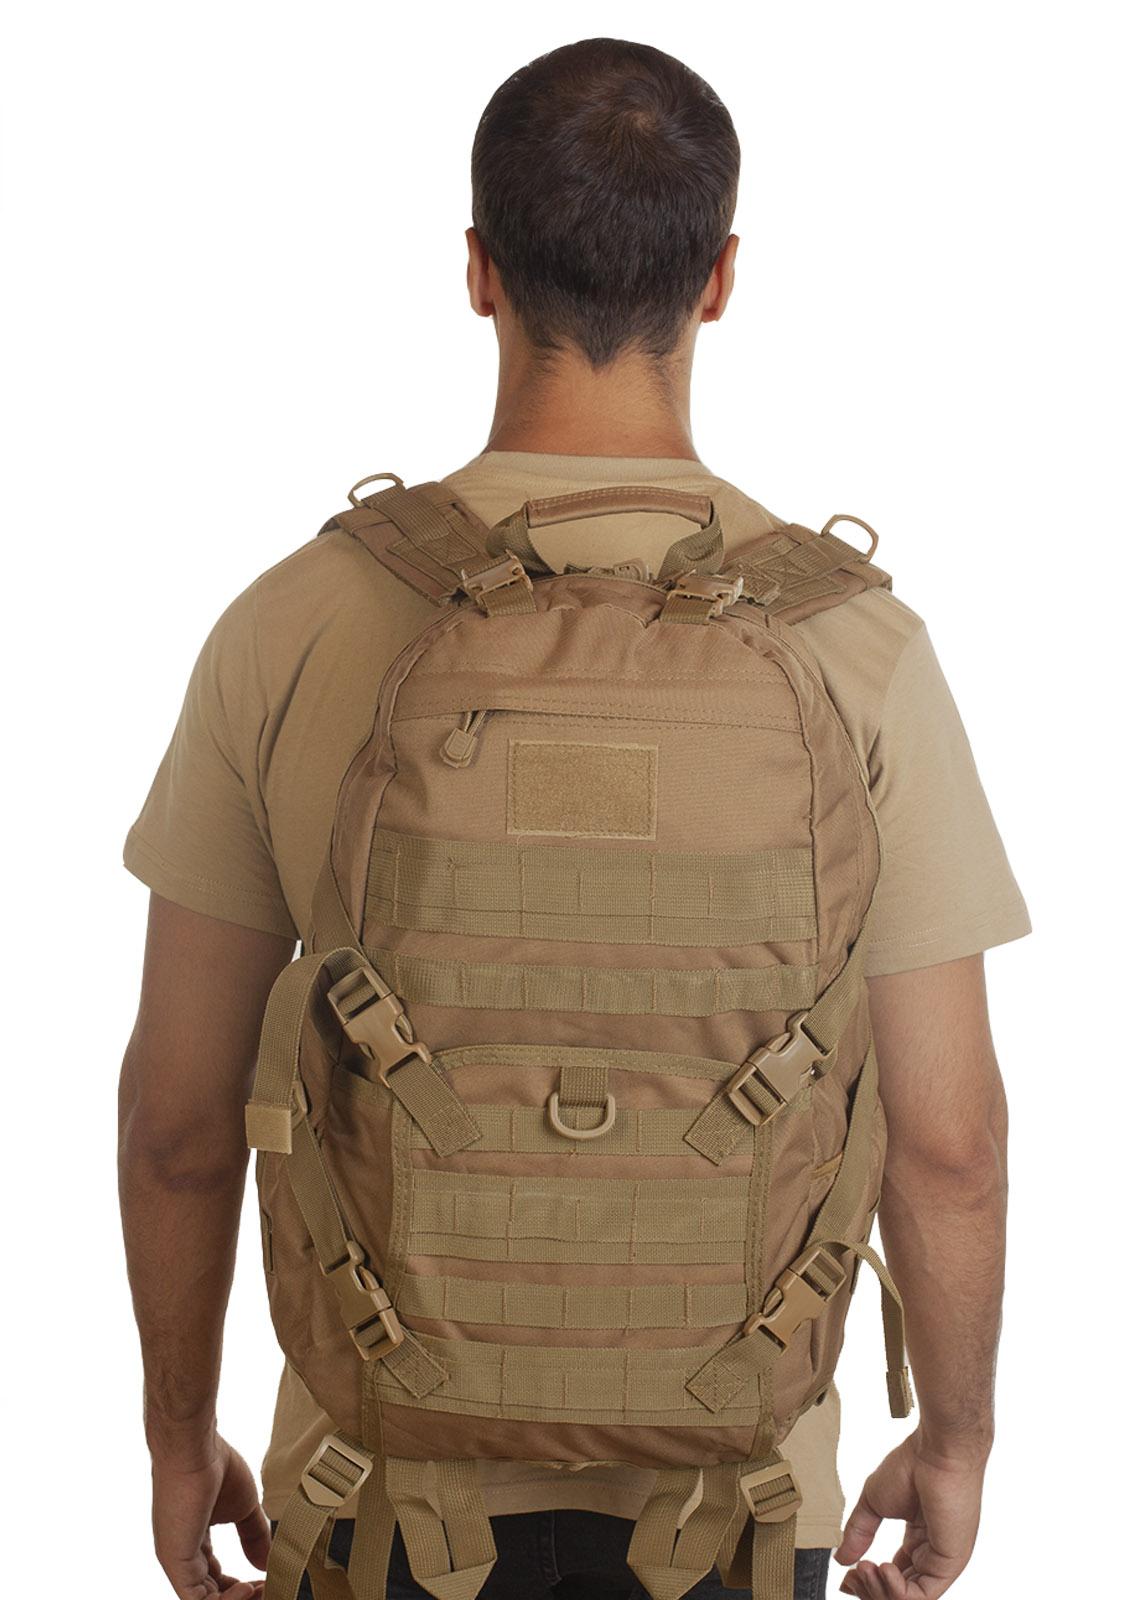 Компактный эргономичный рюкзак для охотников - только в Военпро